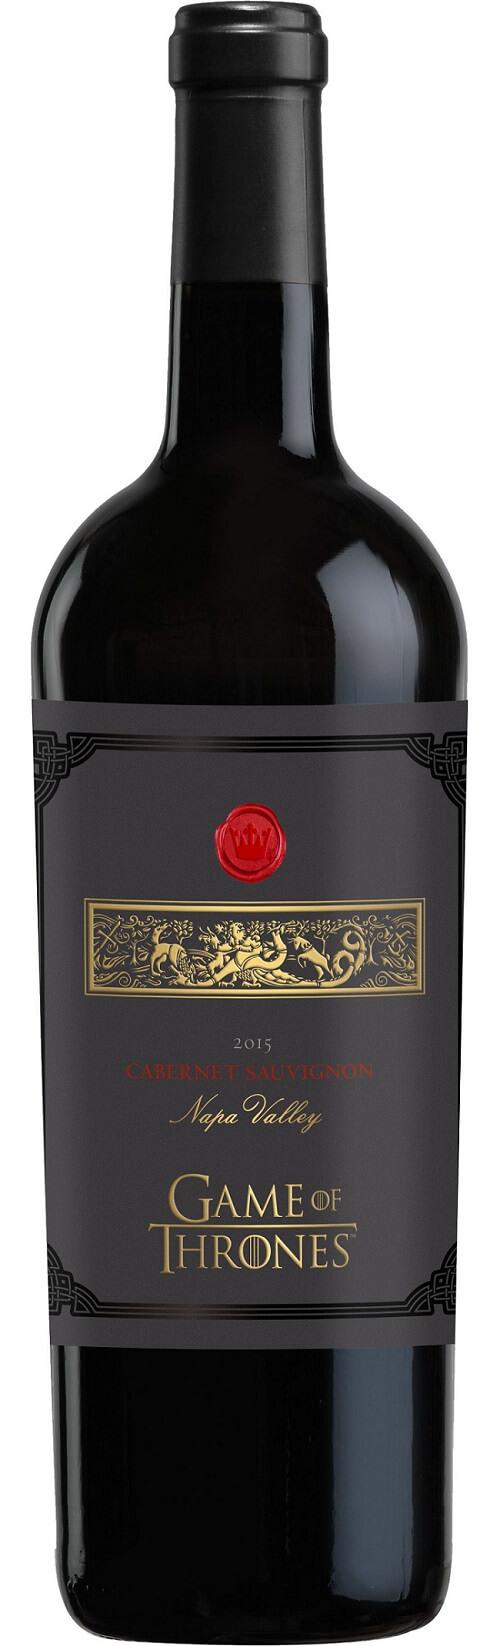 un-nuevo-vino-de-game-of-thrones-que-te-hara-beber-lo-mejor-de-los-siete-reinos-01-cabernet-sauvignon